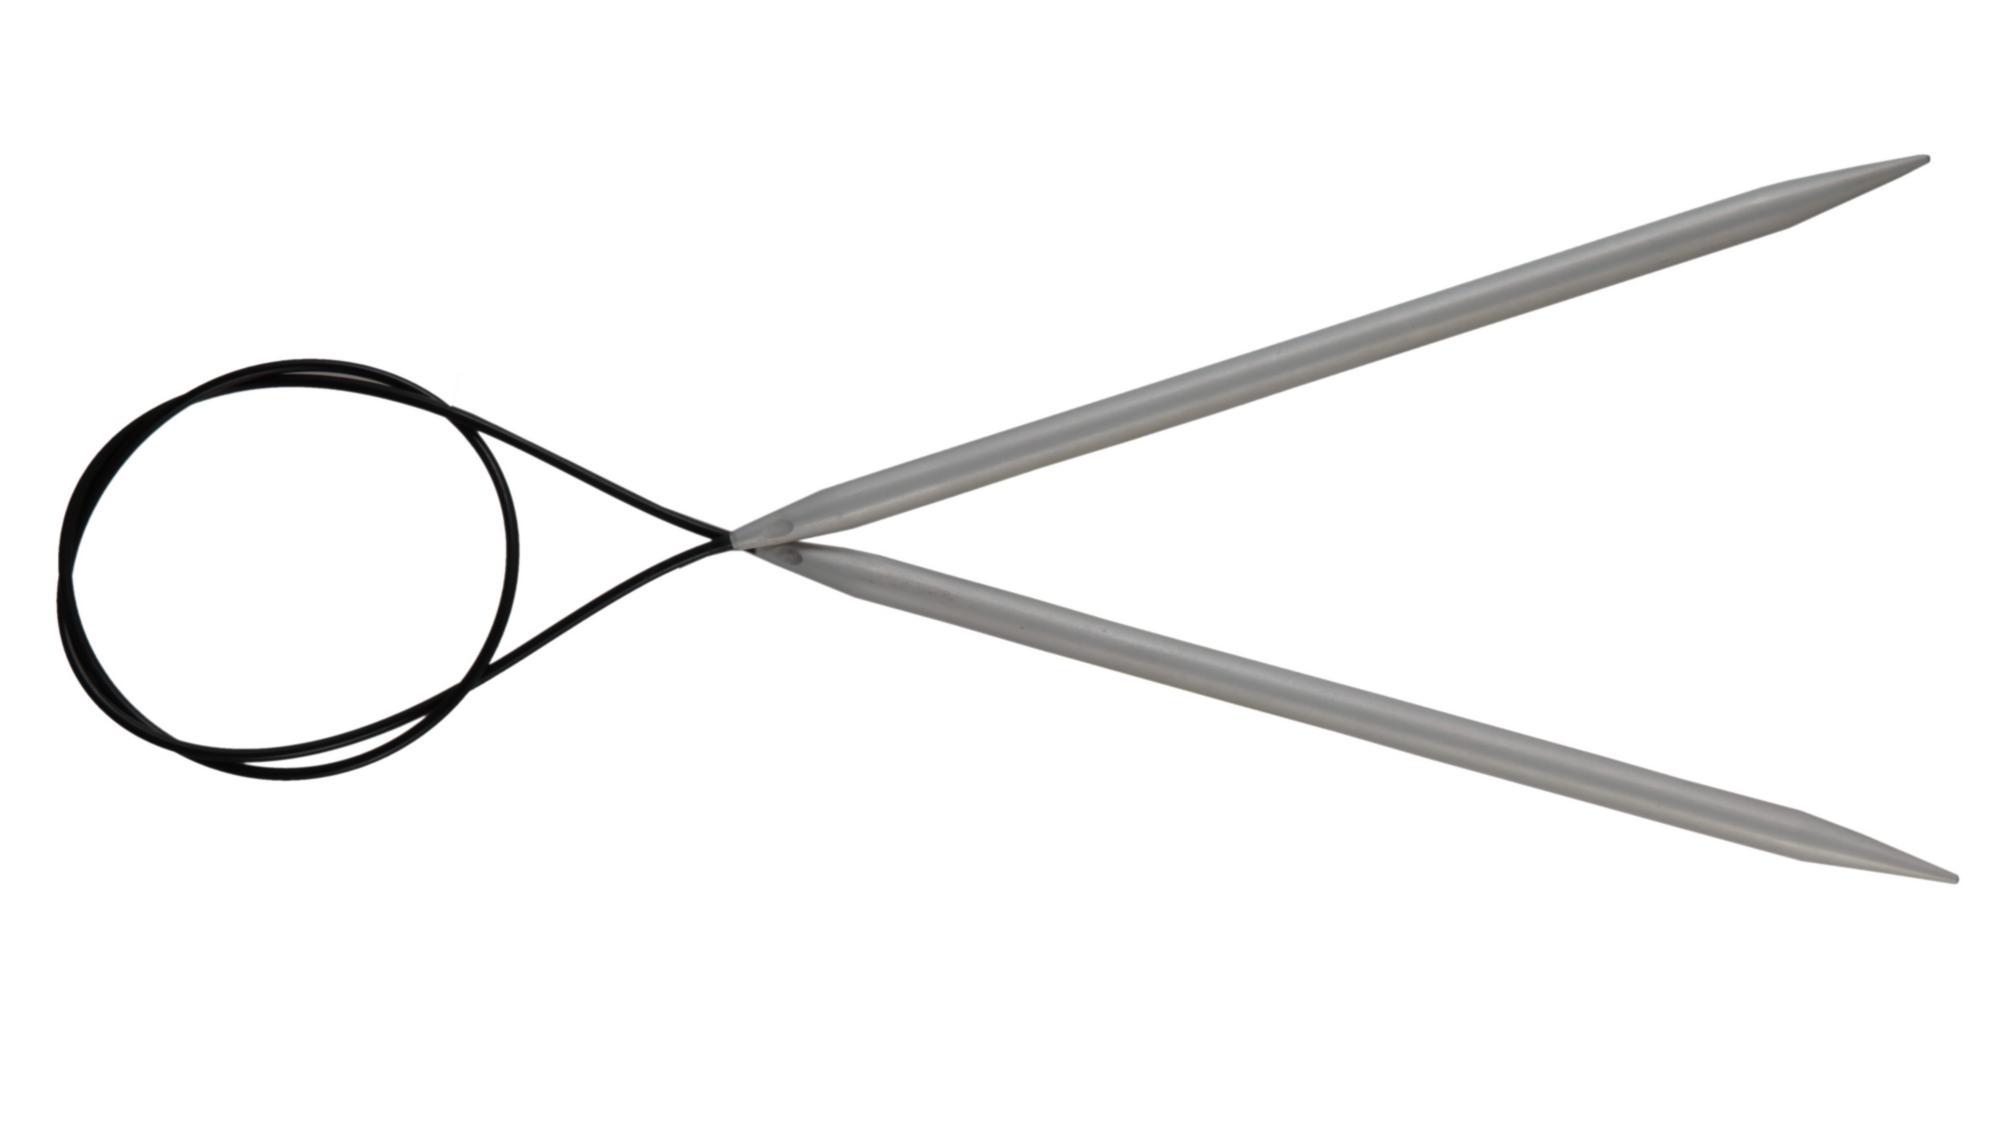 Спицы круговые 100 см Basix Aluminium KnitPro, 45342, 2.50 мм